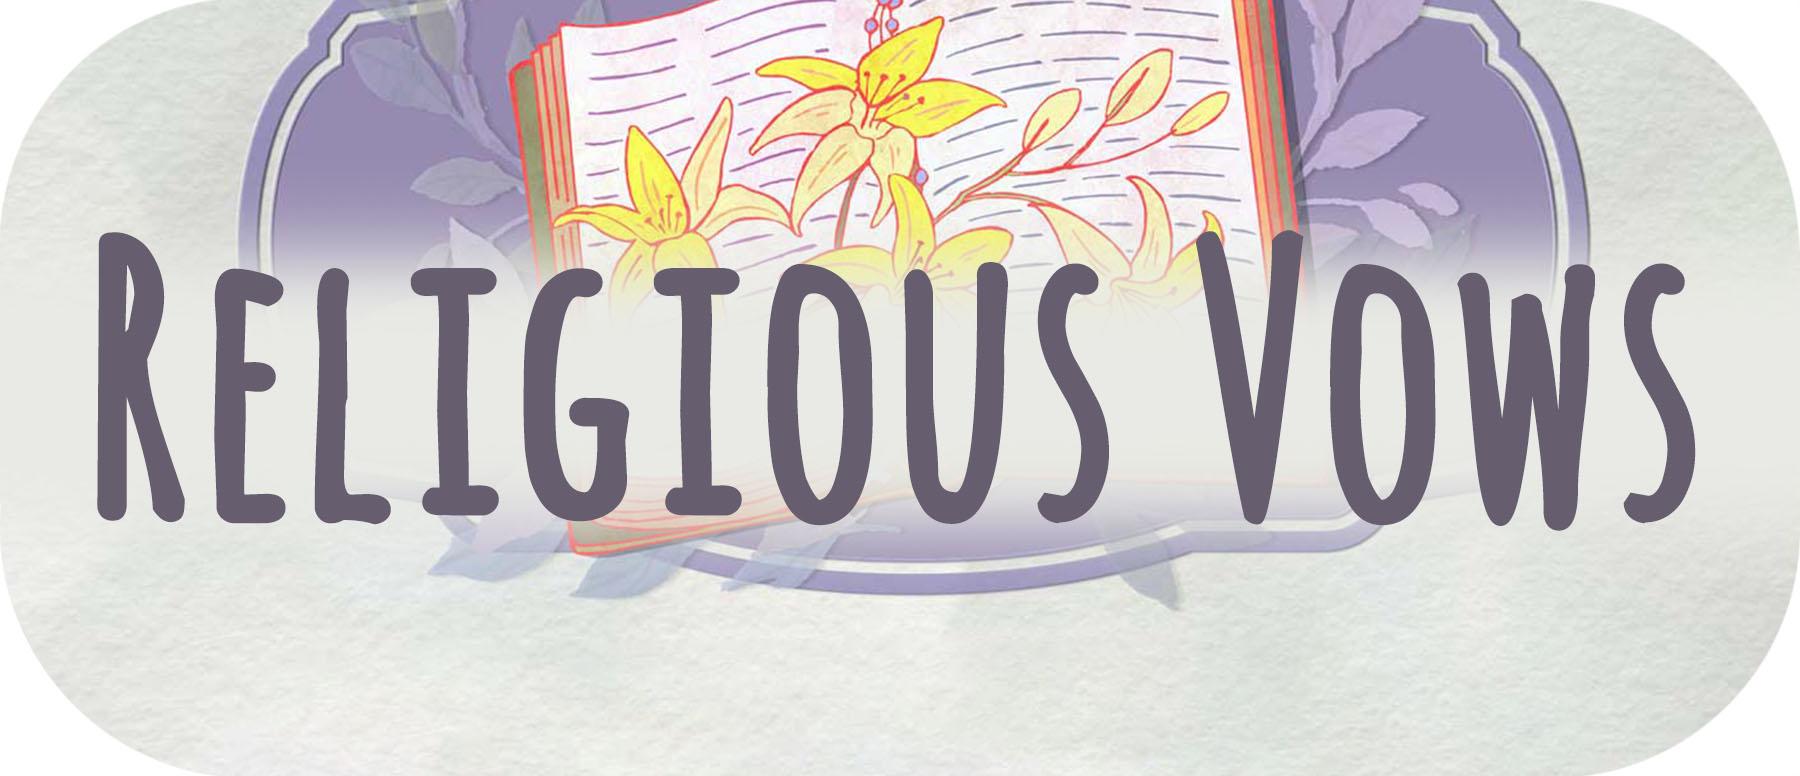 religious-vows-button.jpg